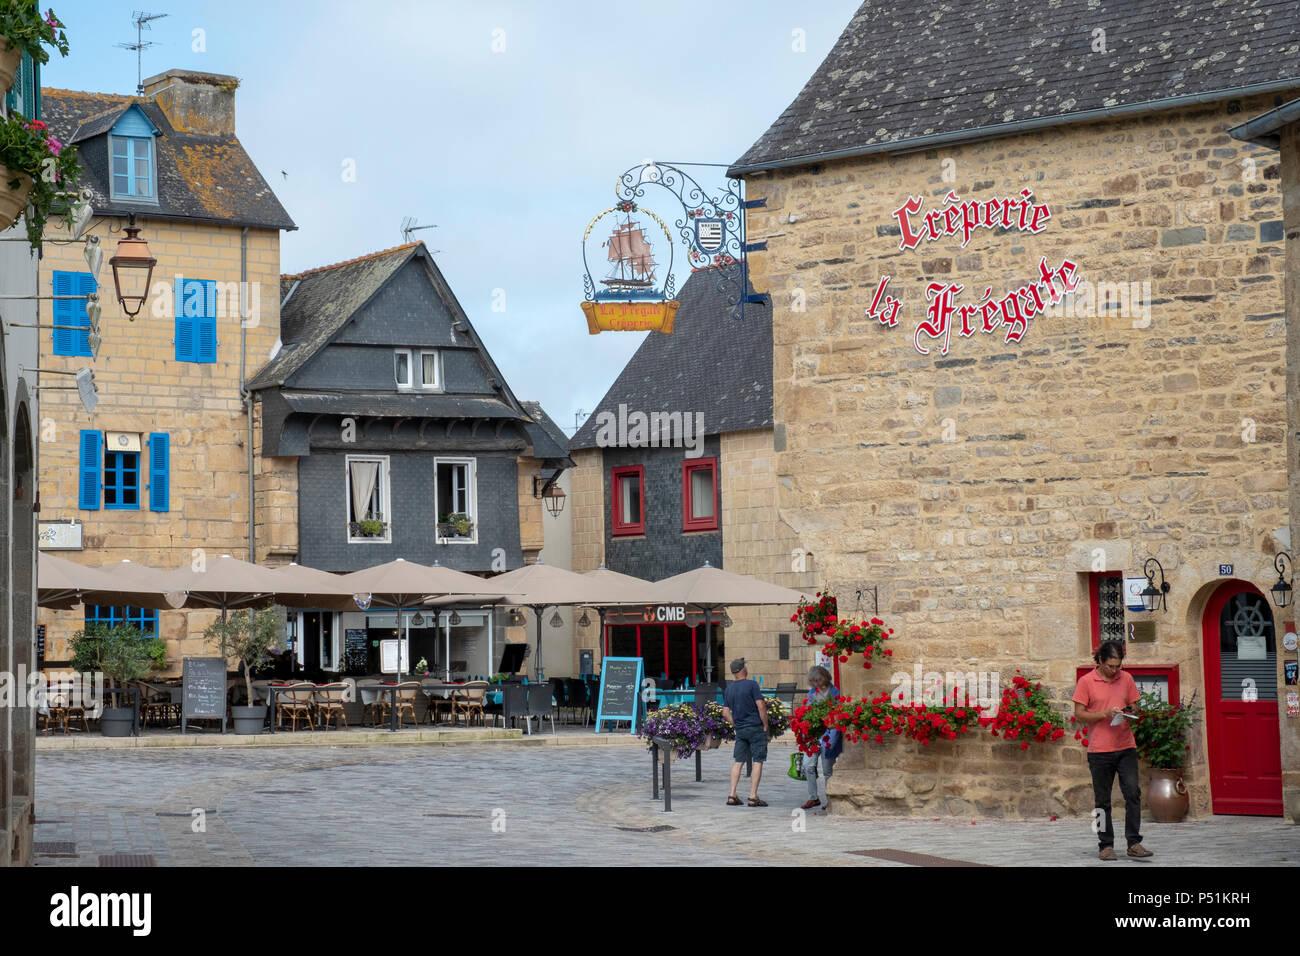 La Fregata ristorante Creperie in La Faou, Bretagna Francia Foto Stock